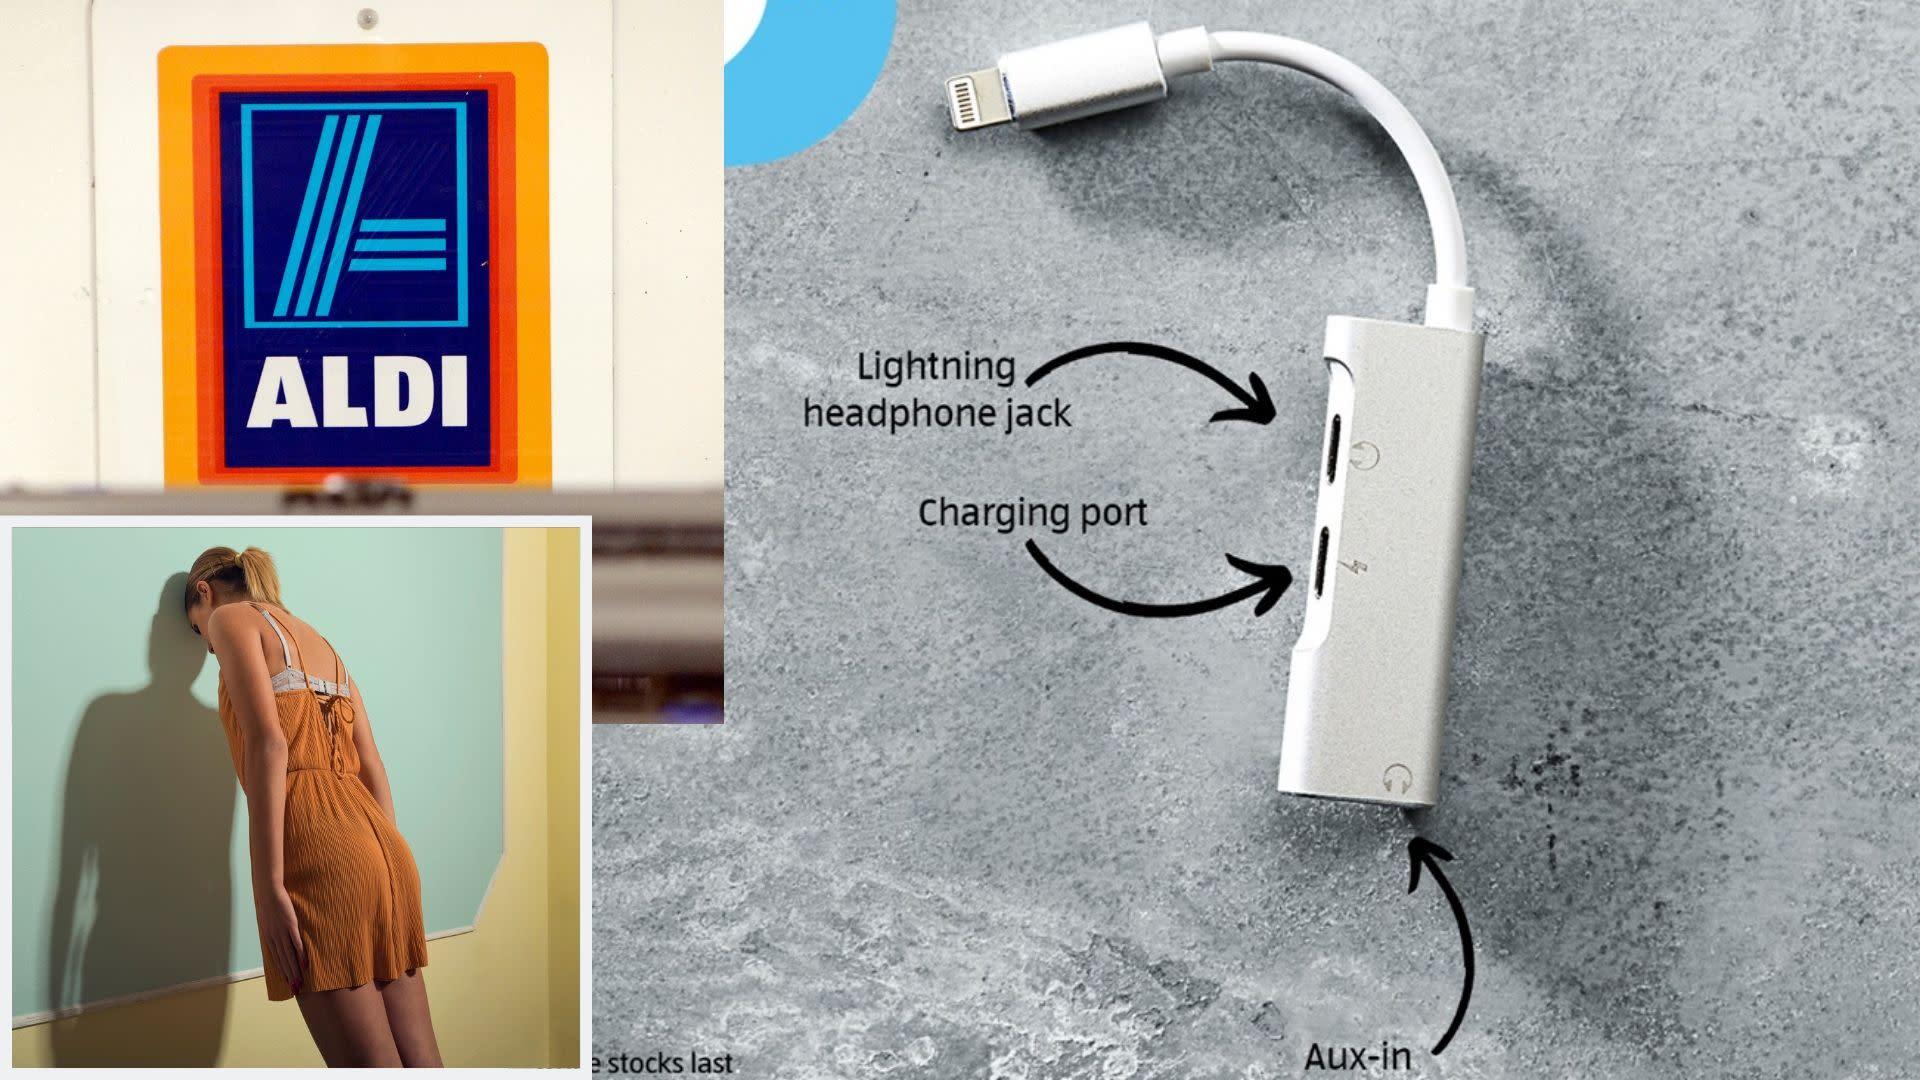 $10 Aldi device triggers controversy